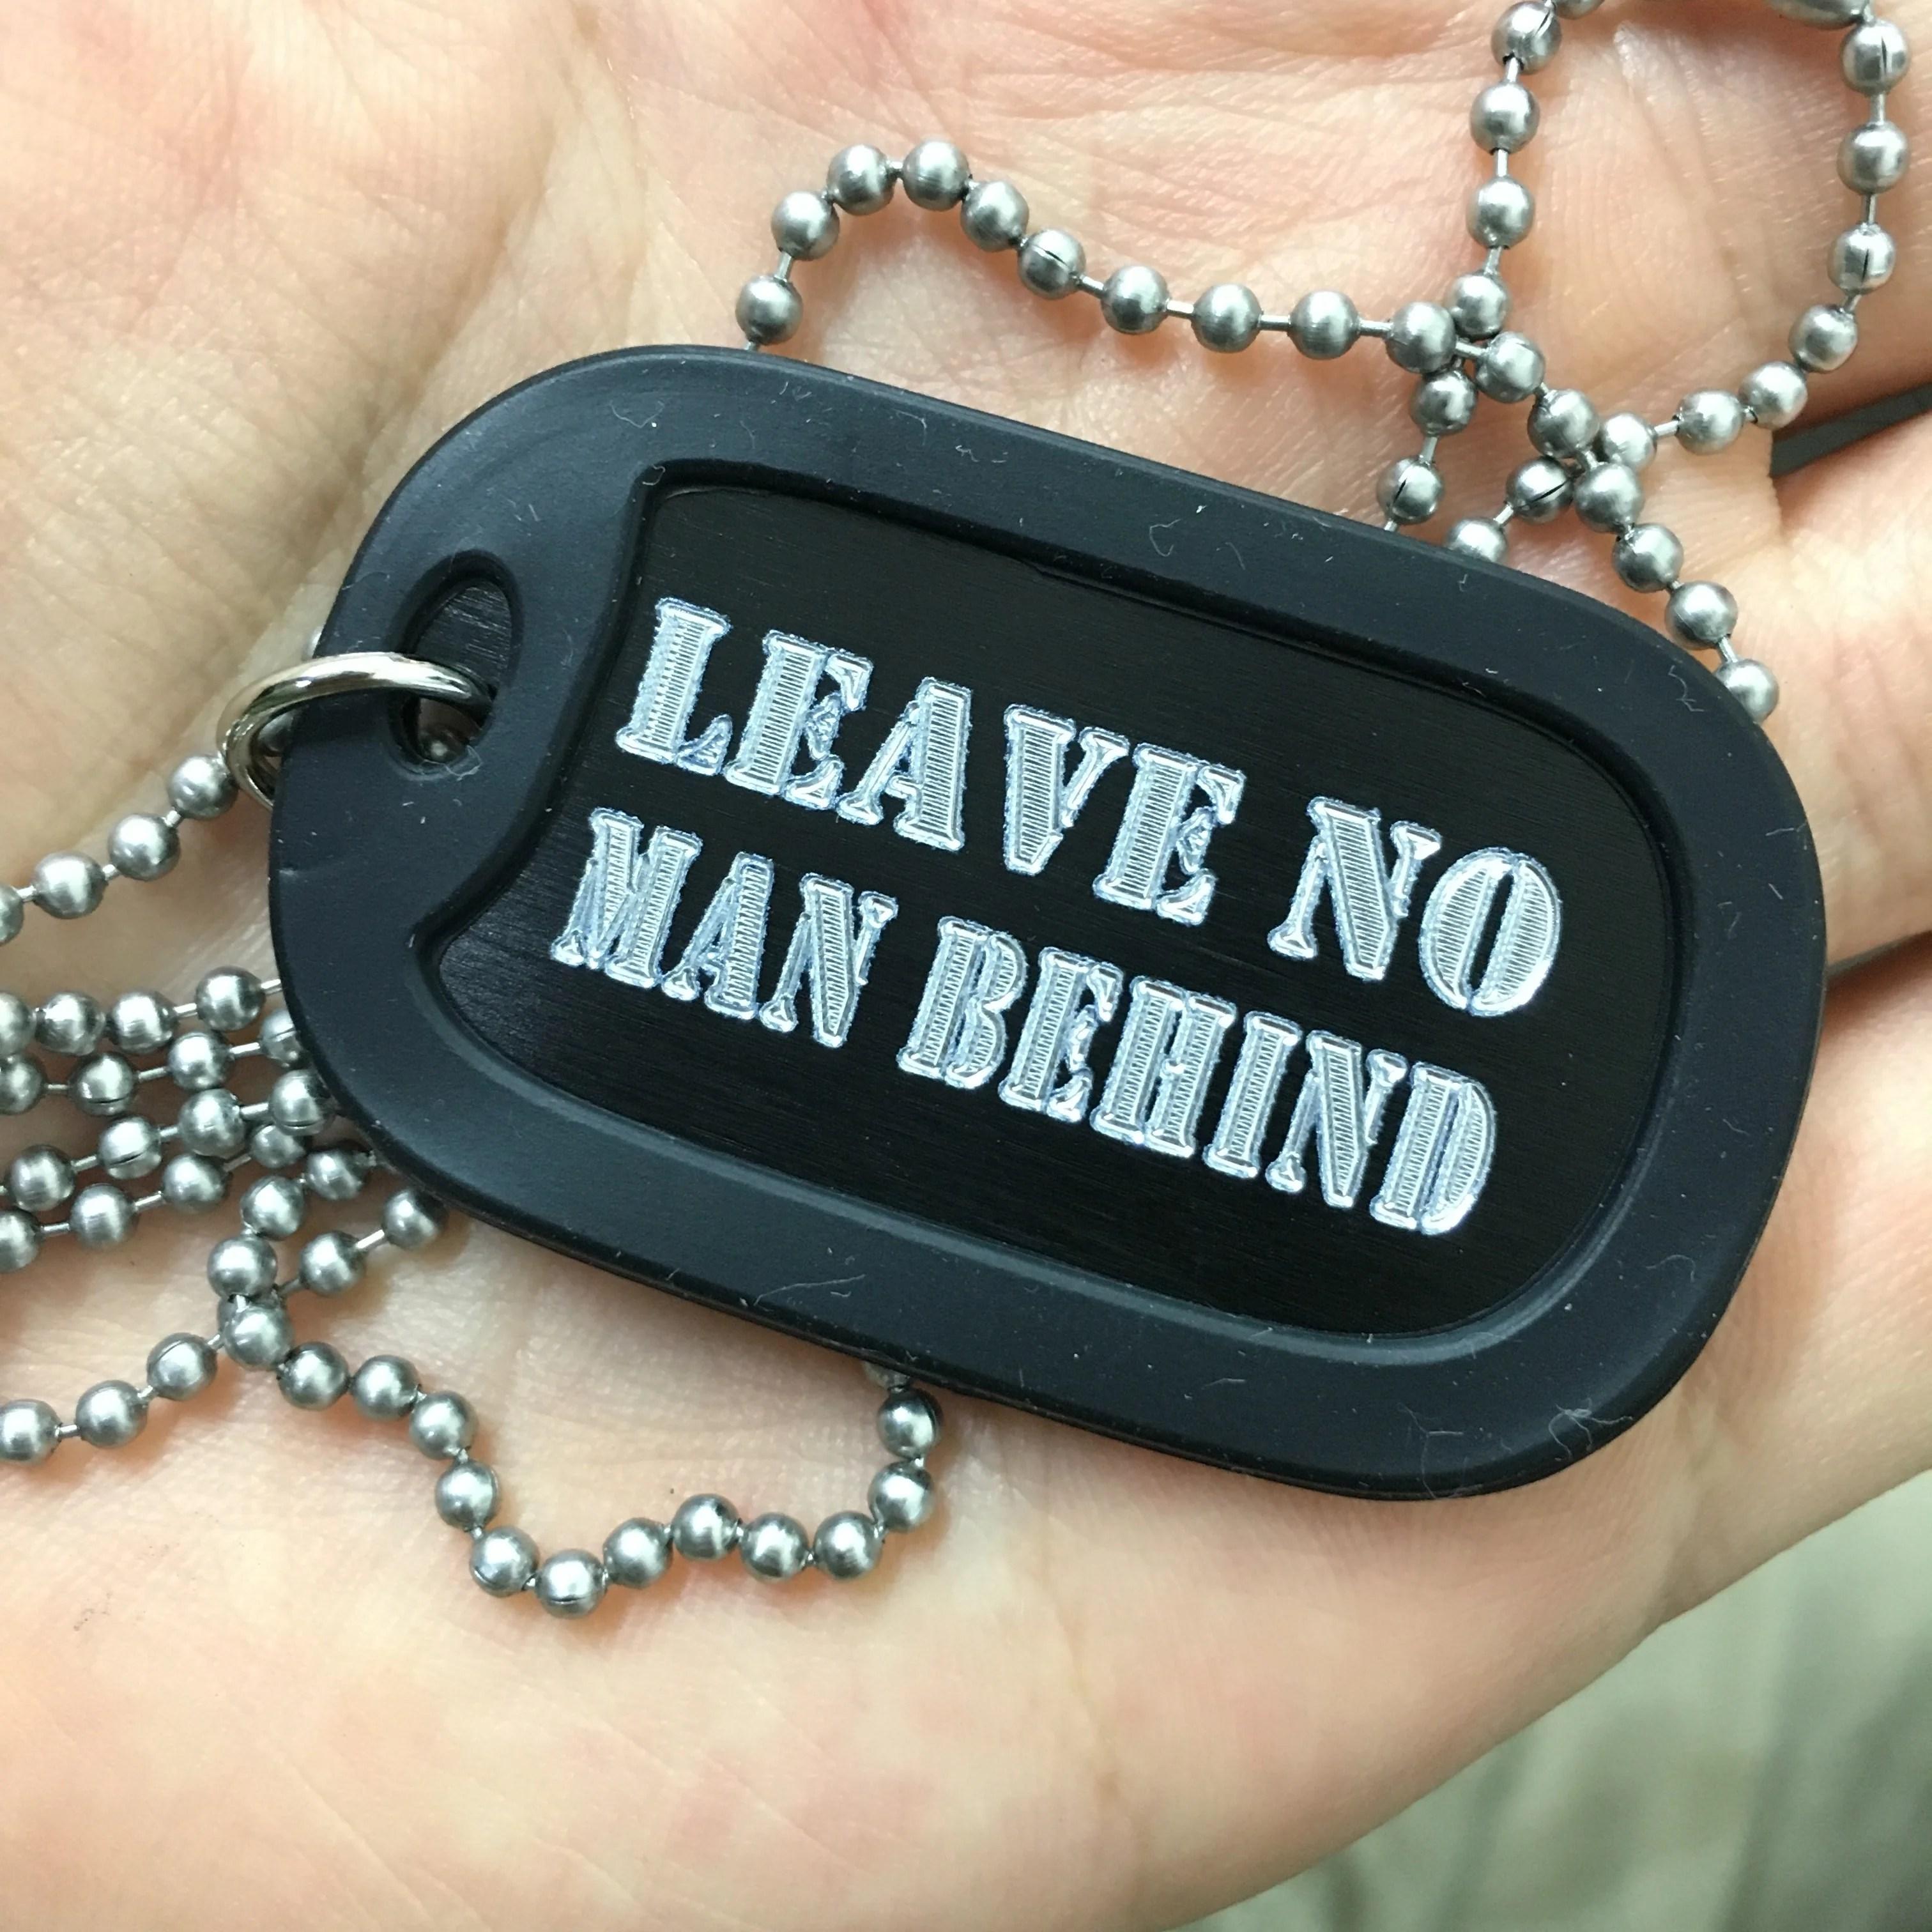 Leave no man behind!